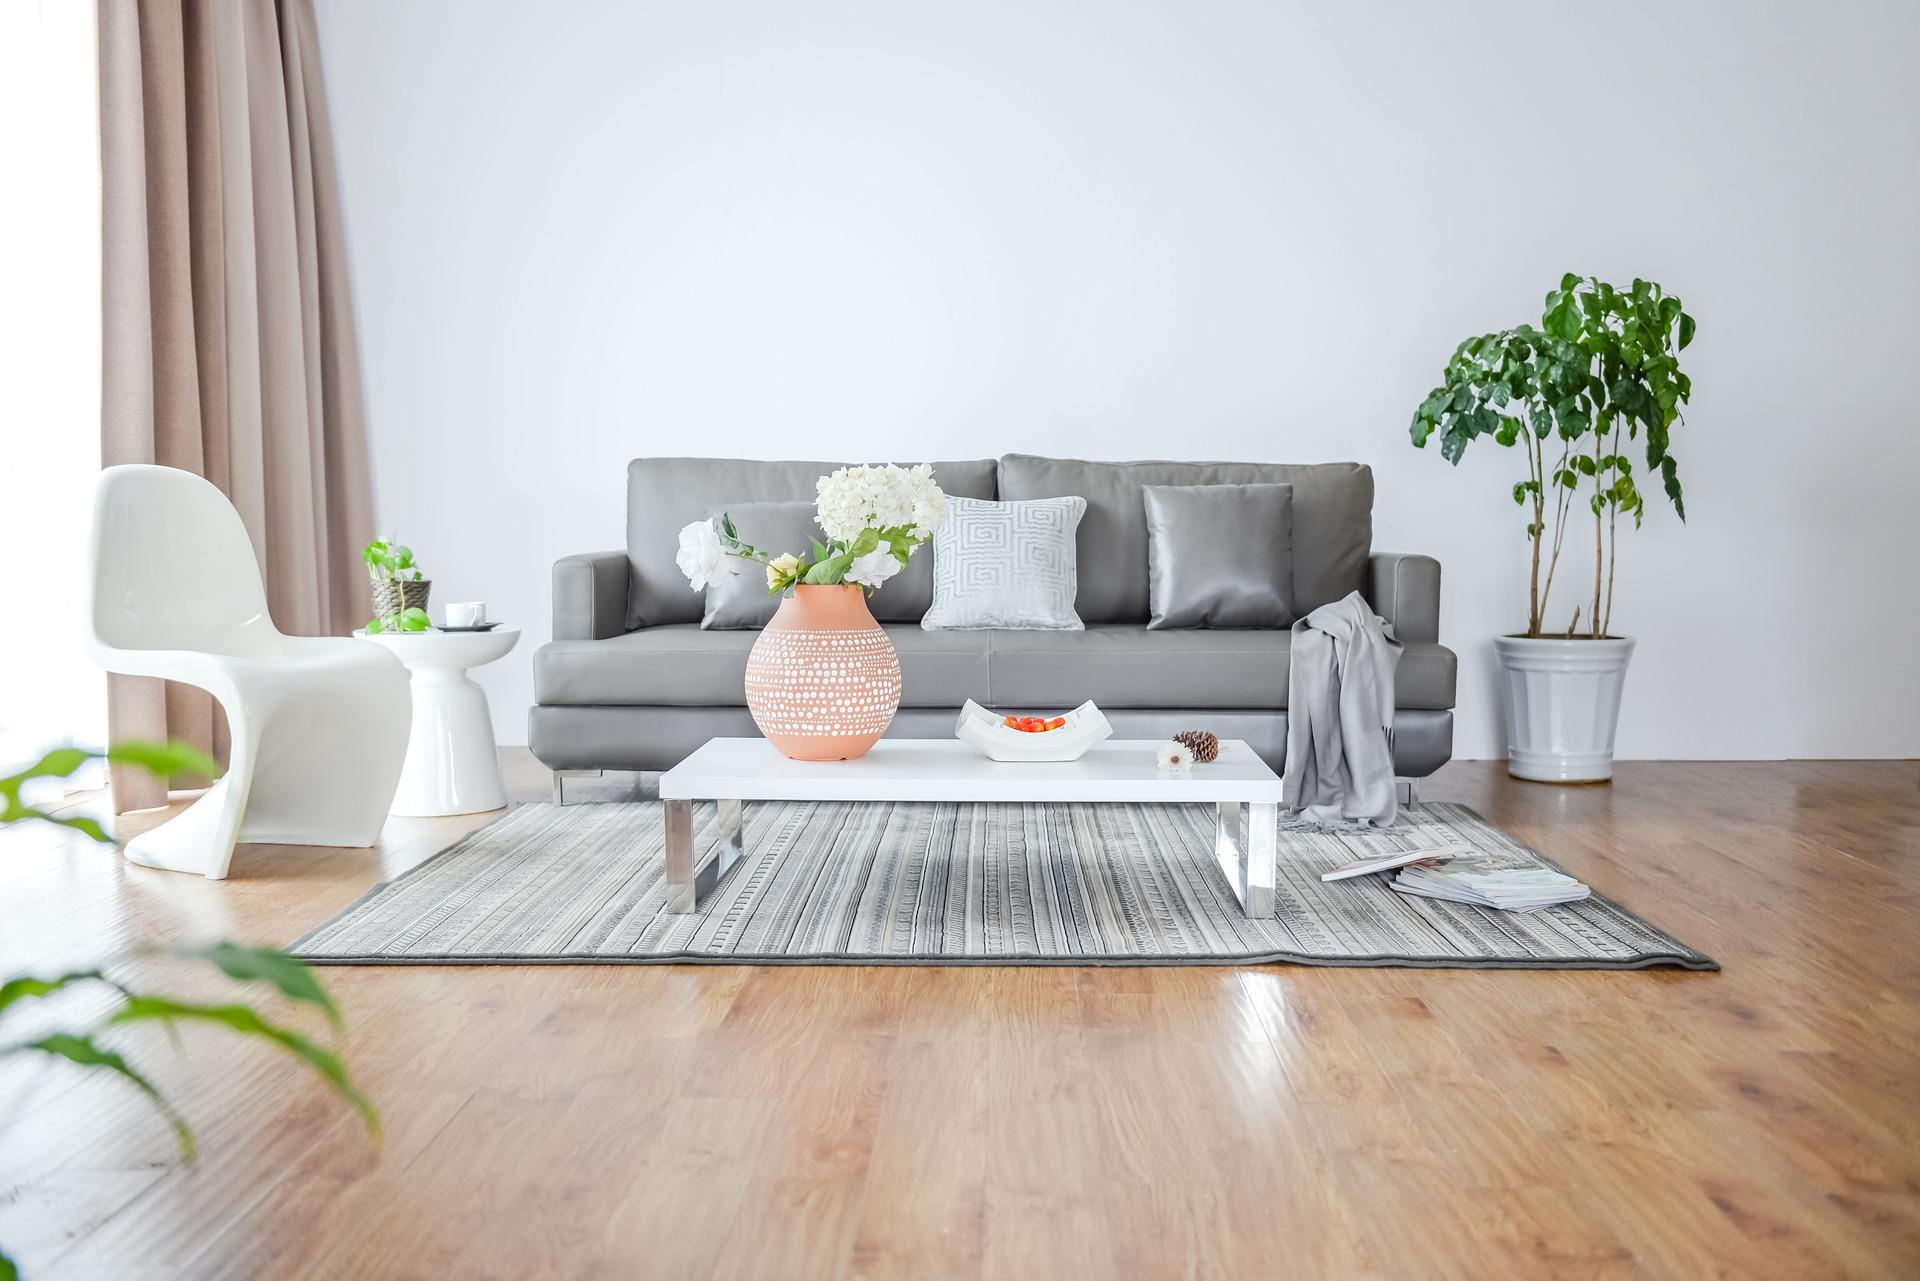 les meilleurs conseils pour lutter contre le d sordre dans la maison devine qui vient bloguer. Black Bedroom Furniture Sets. Home Design Ideas